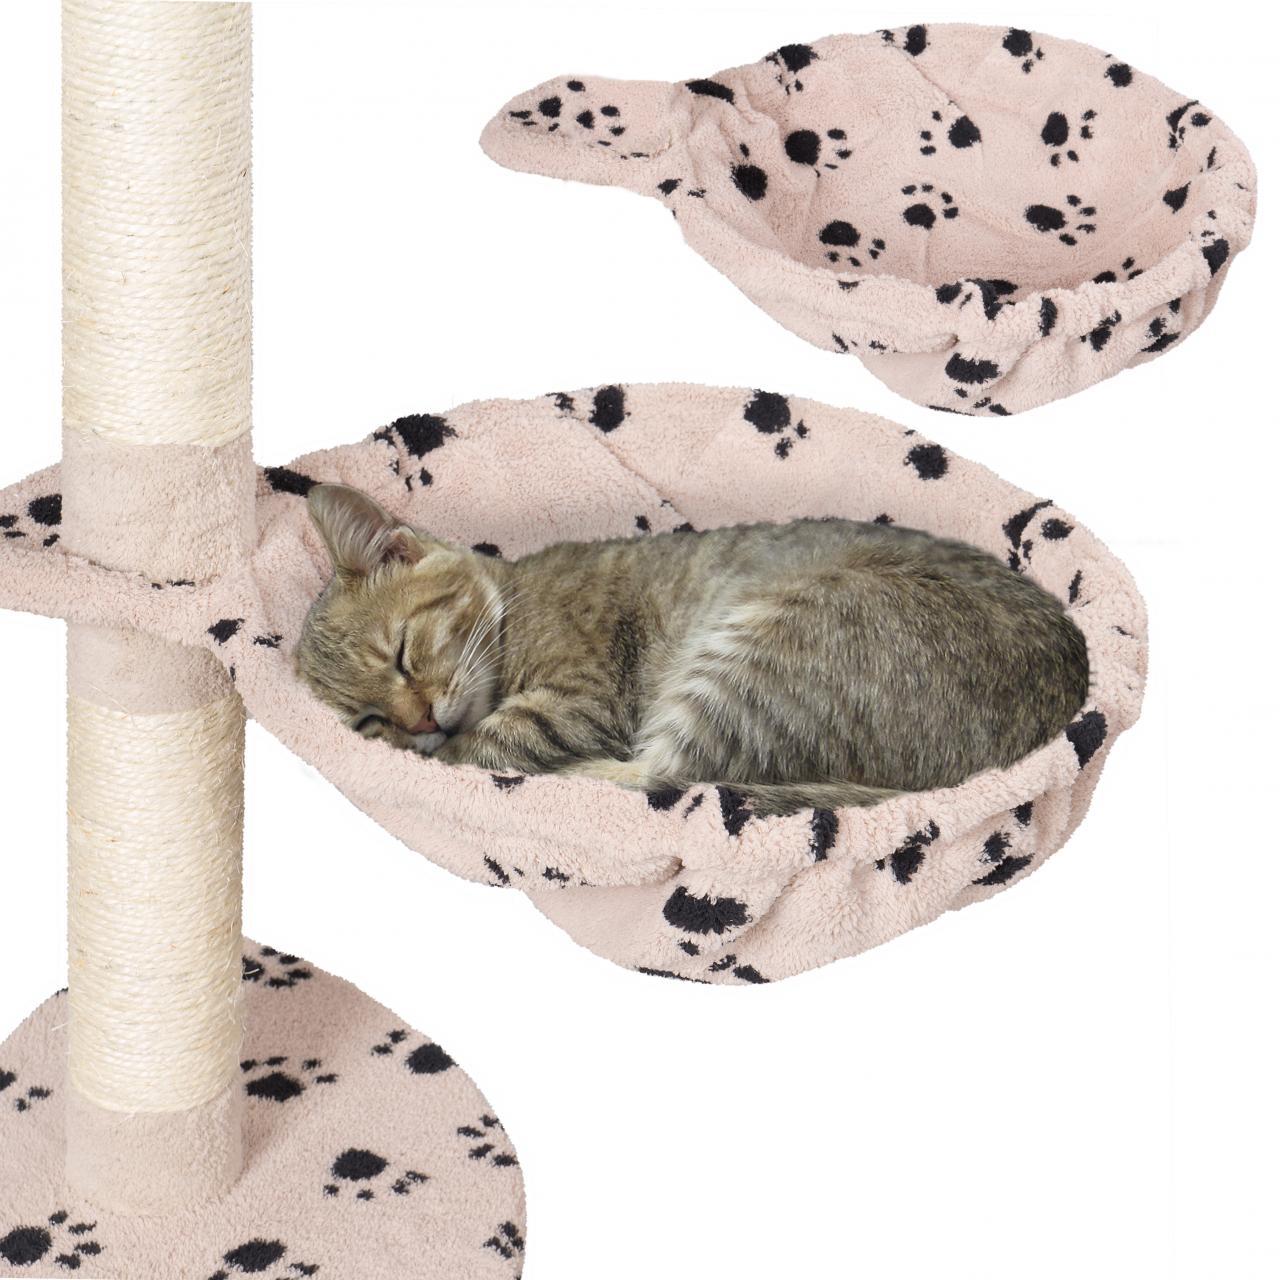 liegemulde f r kratzbaum liegeplatz schlafmulde schlafplatz katzen 35 oder 40cm ebay. Black Bedroom Furniture Sets. Home Design Ideas